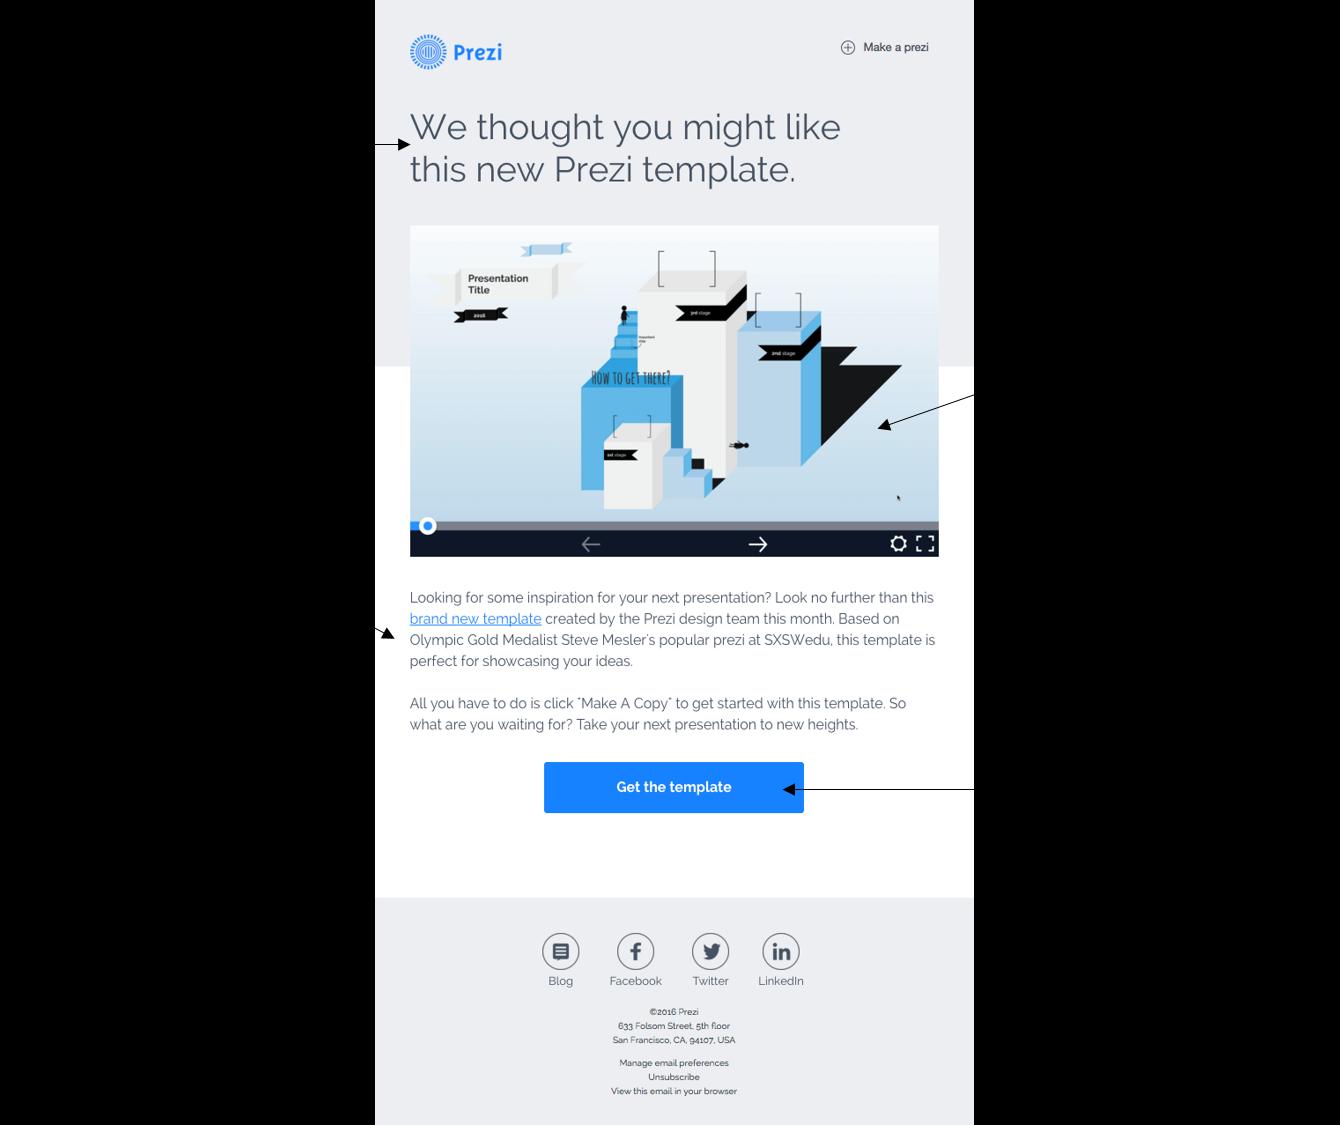 Prezi email screenshot